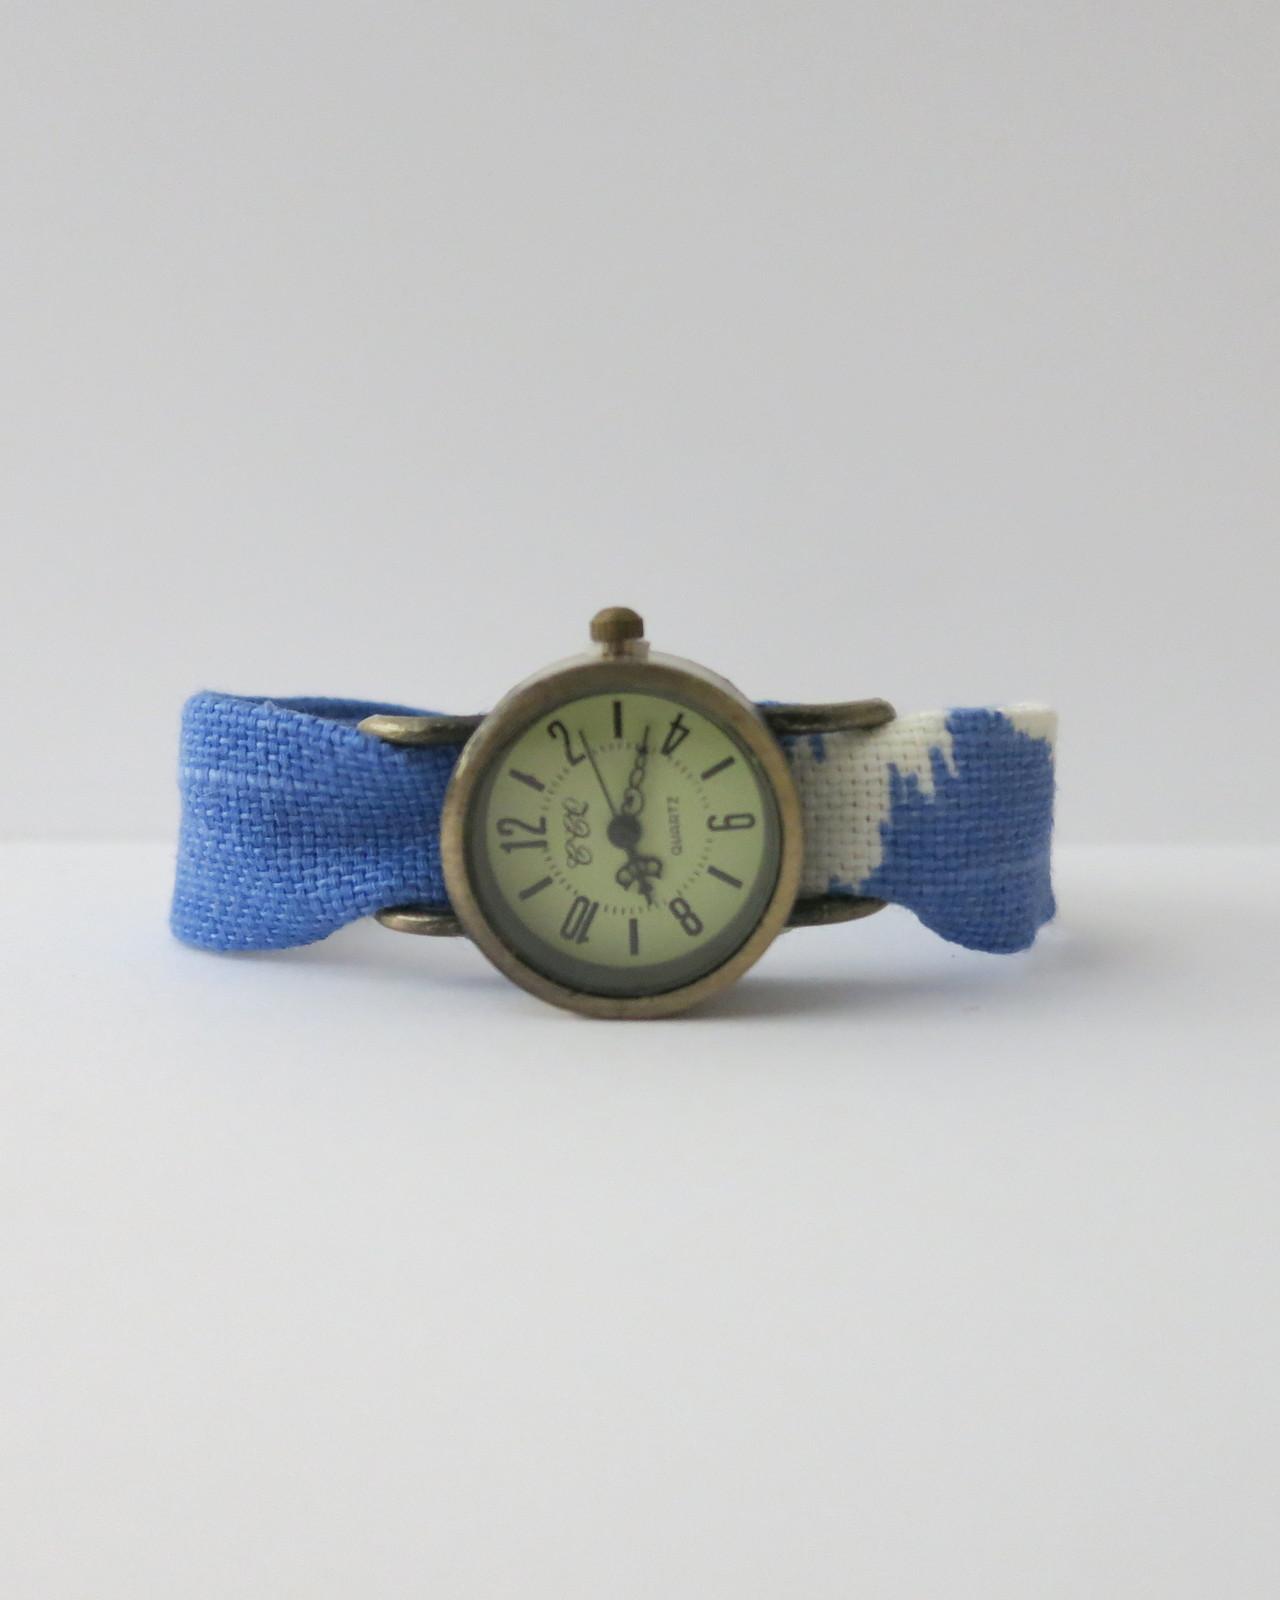 Simple women's watch, retro minimalist watch for women